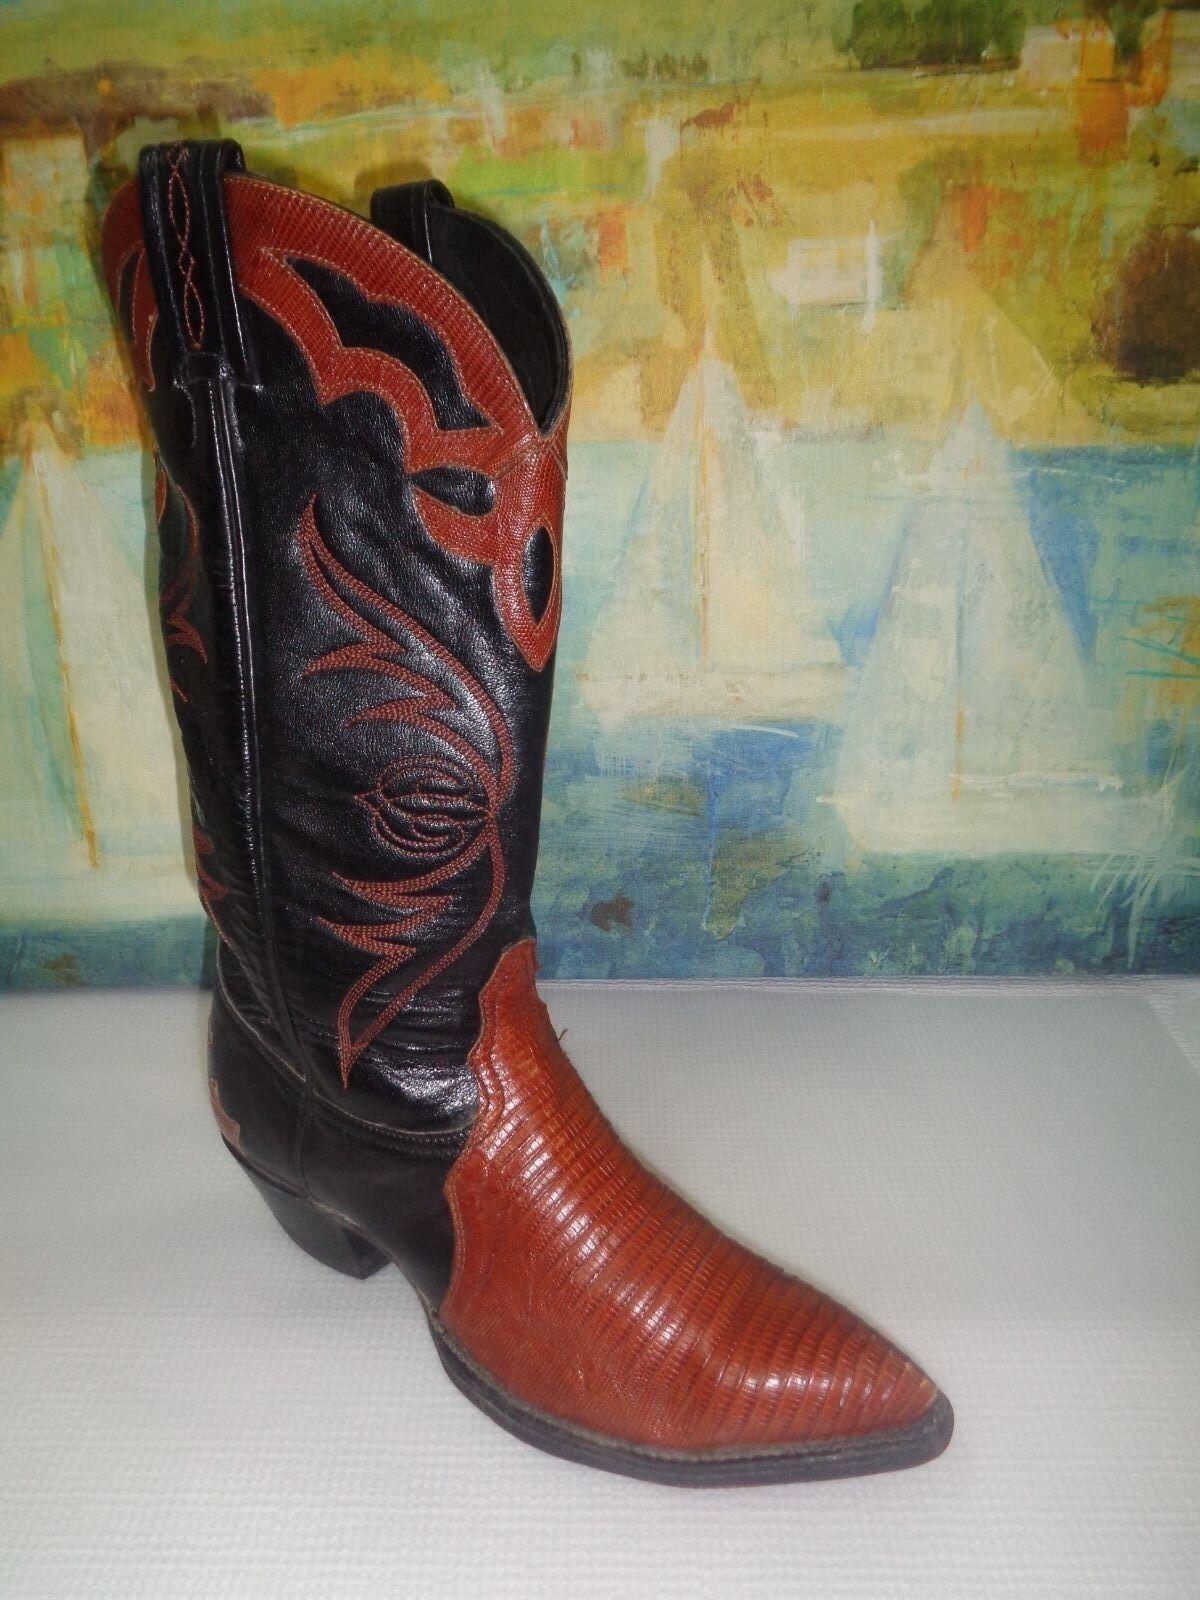 rivenditori online TONY LAMA L1225 USED USED USED donna 7 M LEATHER WESTERN COWBOY stivali  la migliore selezione di